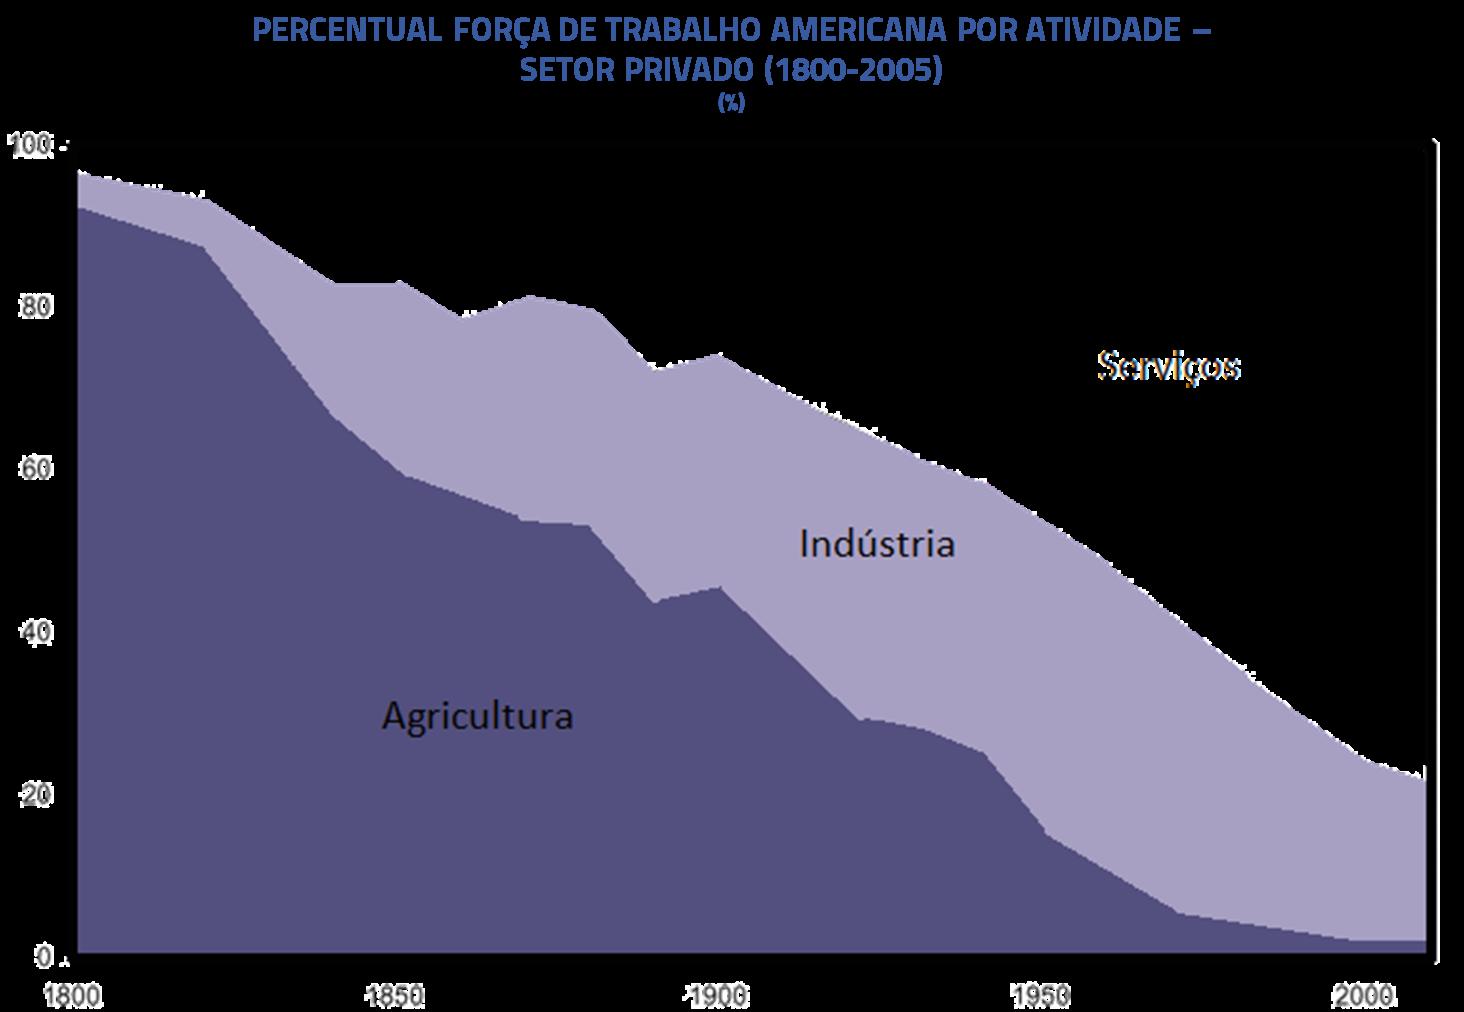 Percentual força de trabalho americana por atividade